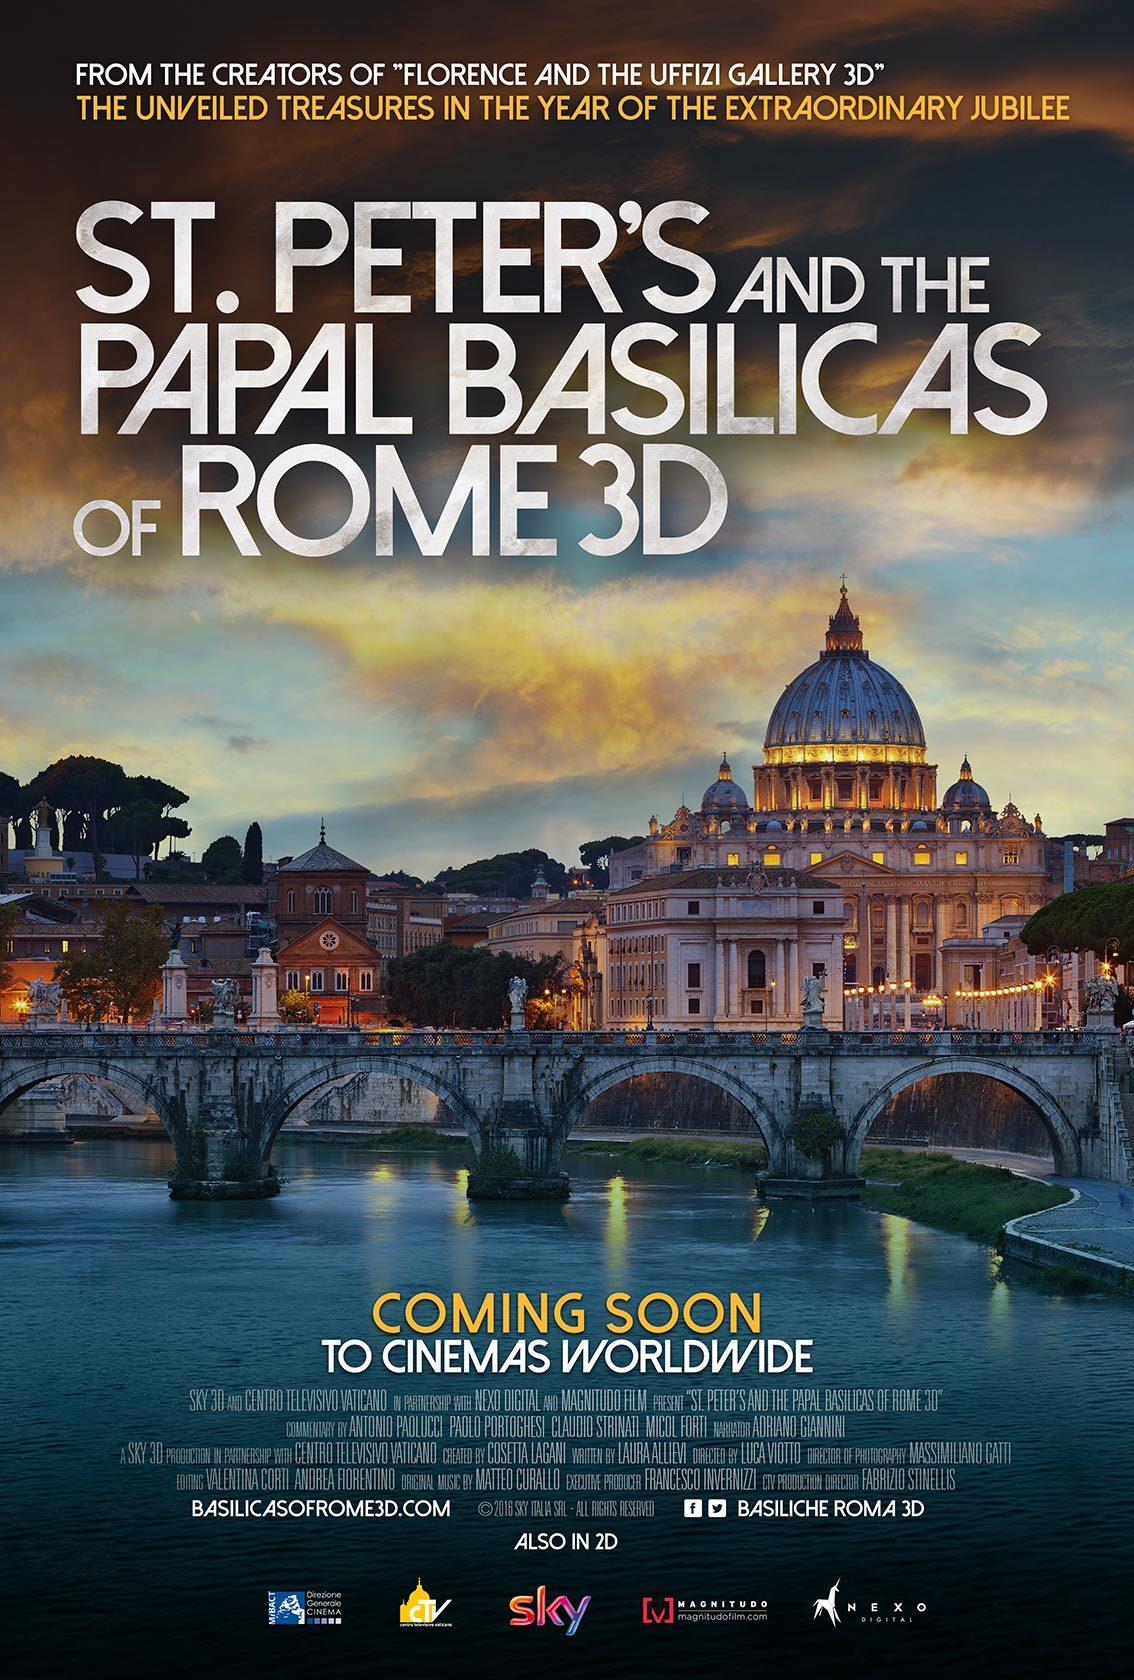 Собор Святого Петра и Патриаршие базилики Рима 3D смотреть фото